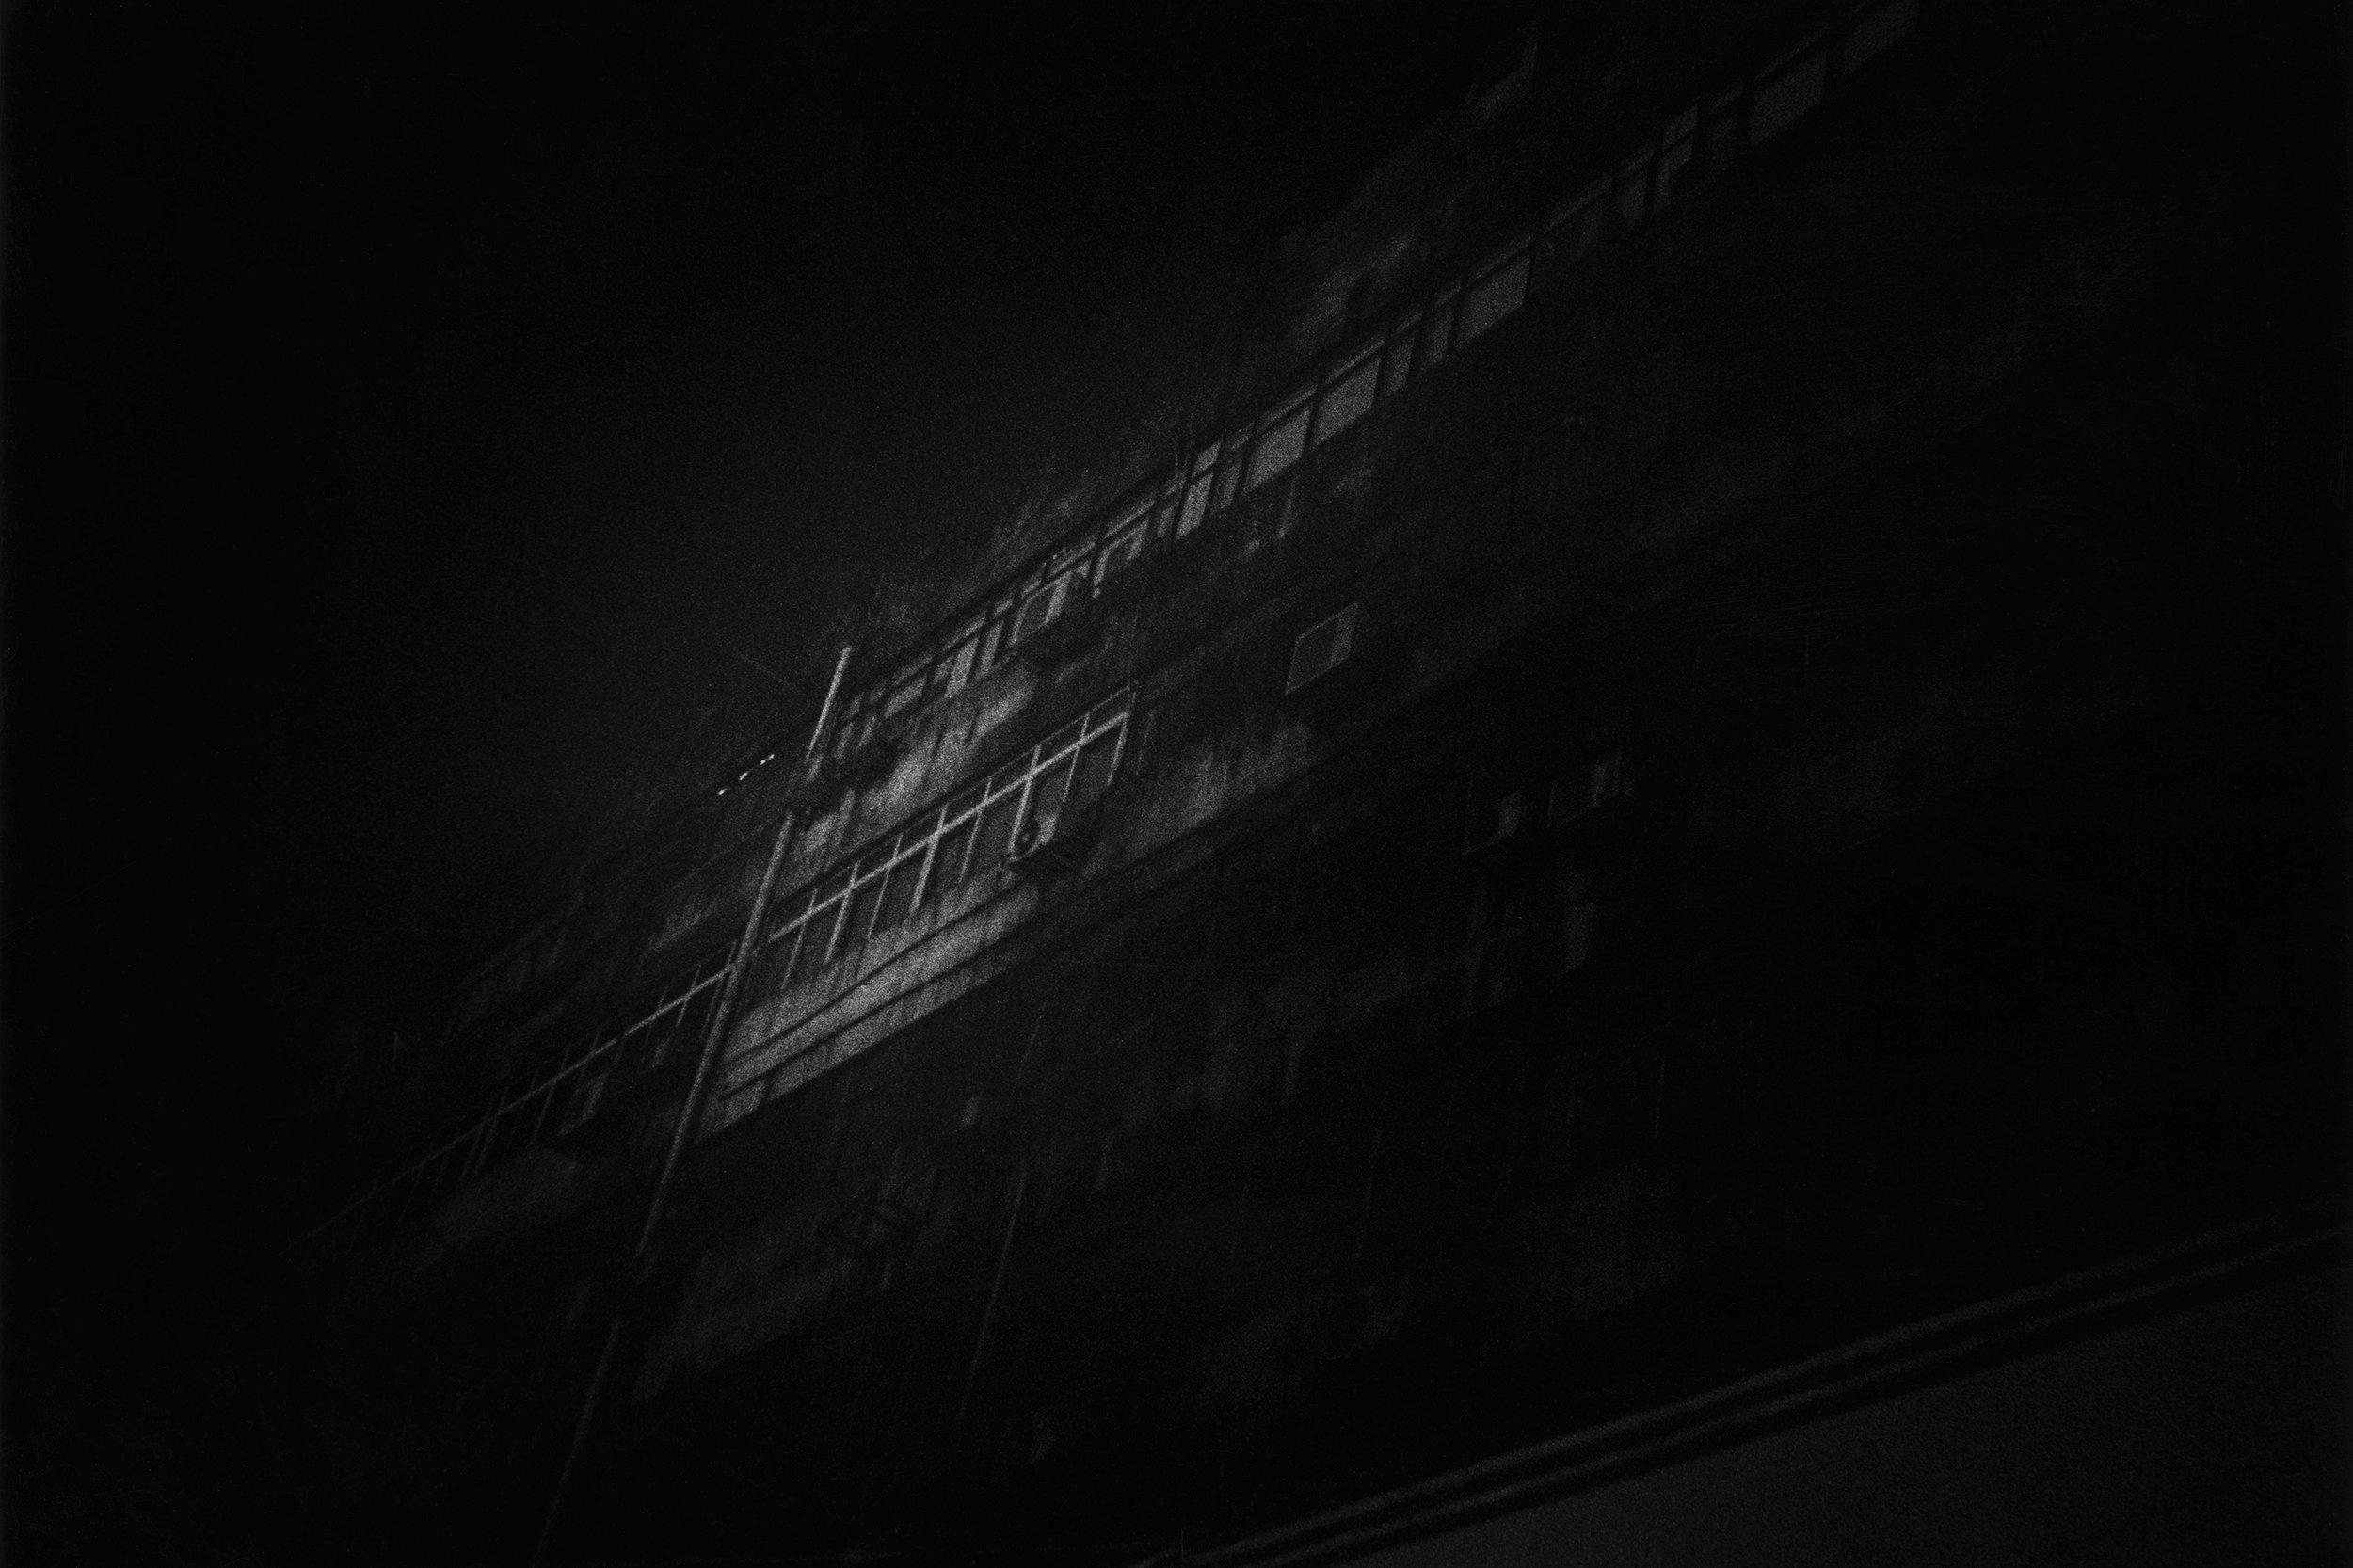 暗夜的樓+%15lr.jpg